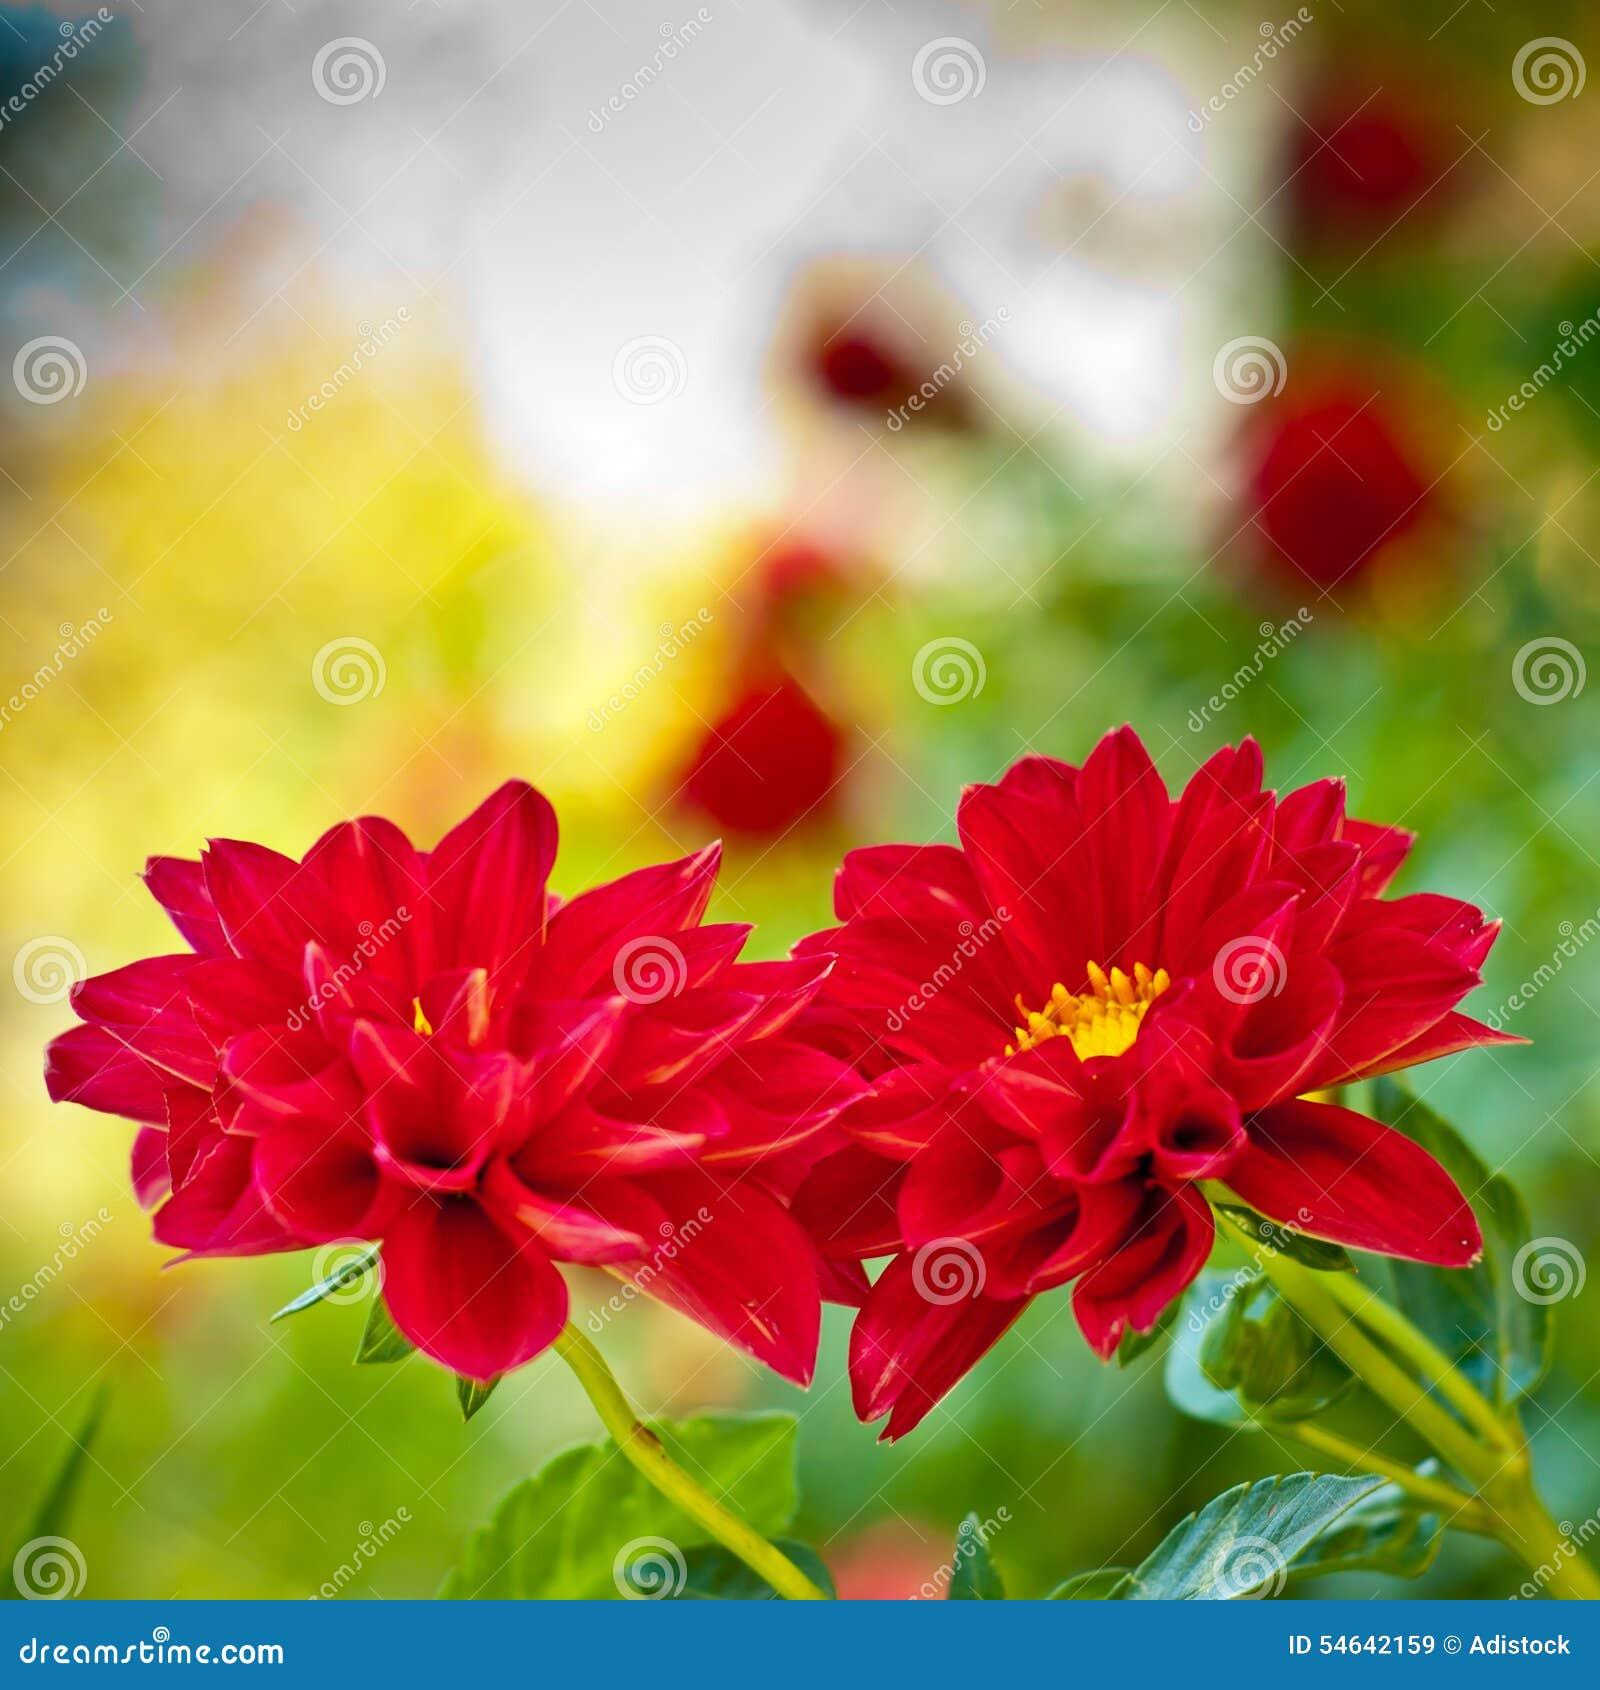 fond rouge de fleur fleur d 39 automne image stock image du. Black Bedroom Furniture Sets. Home Design Ideas